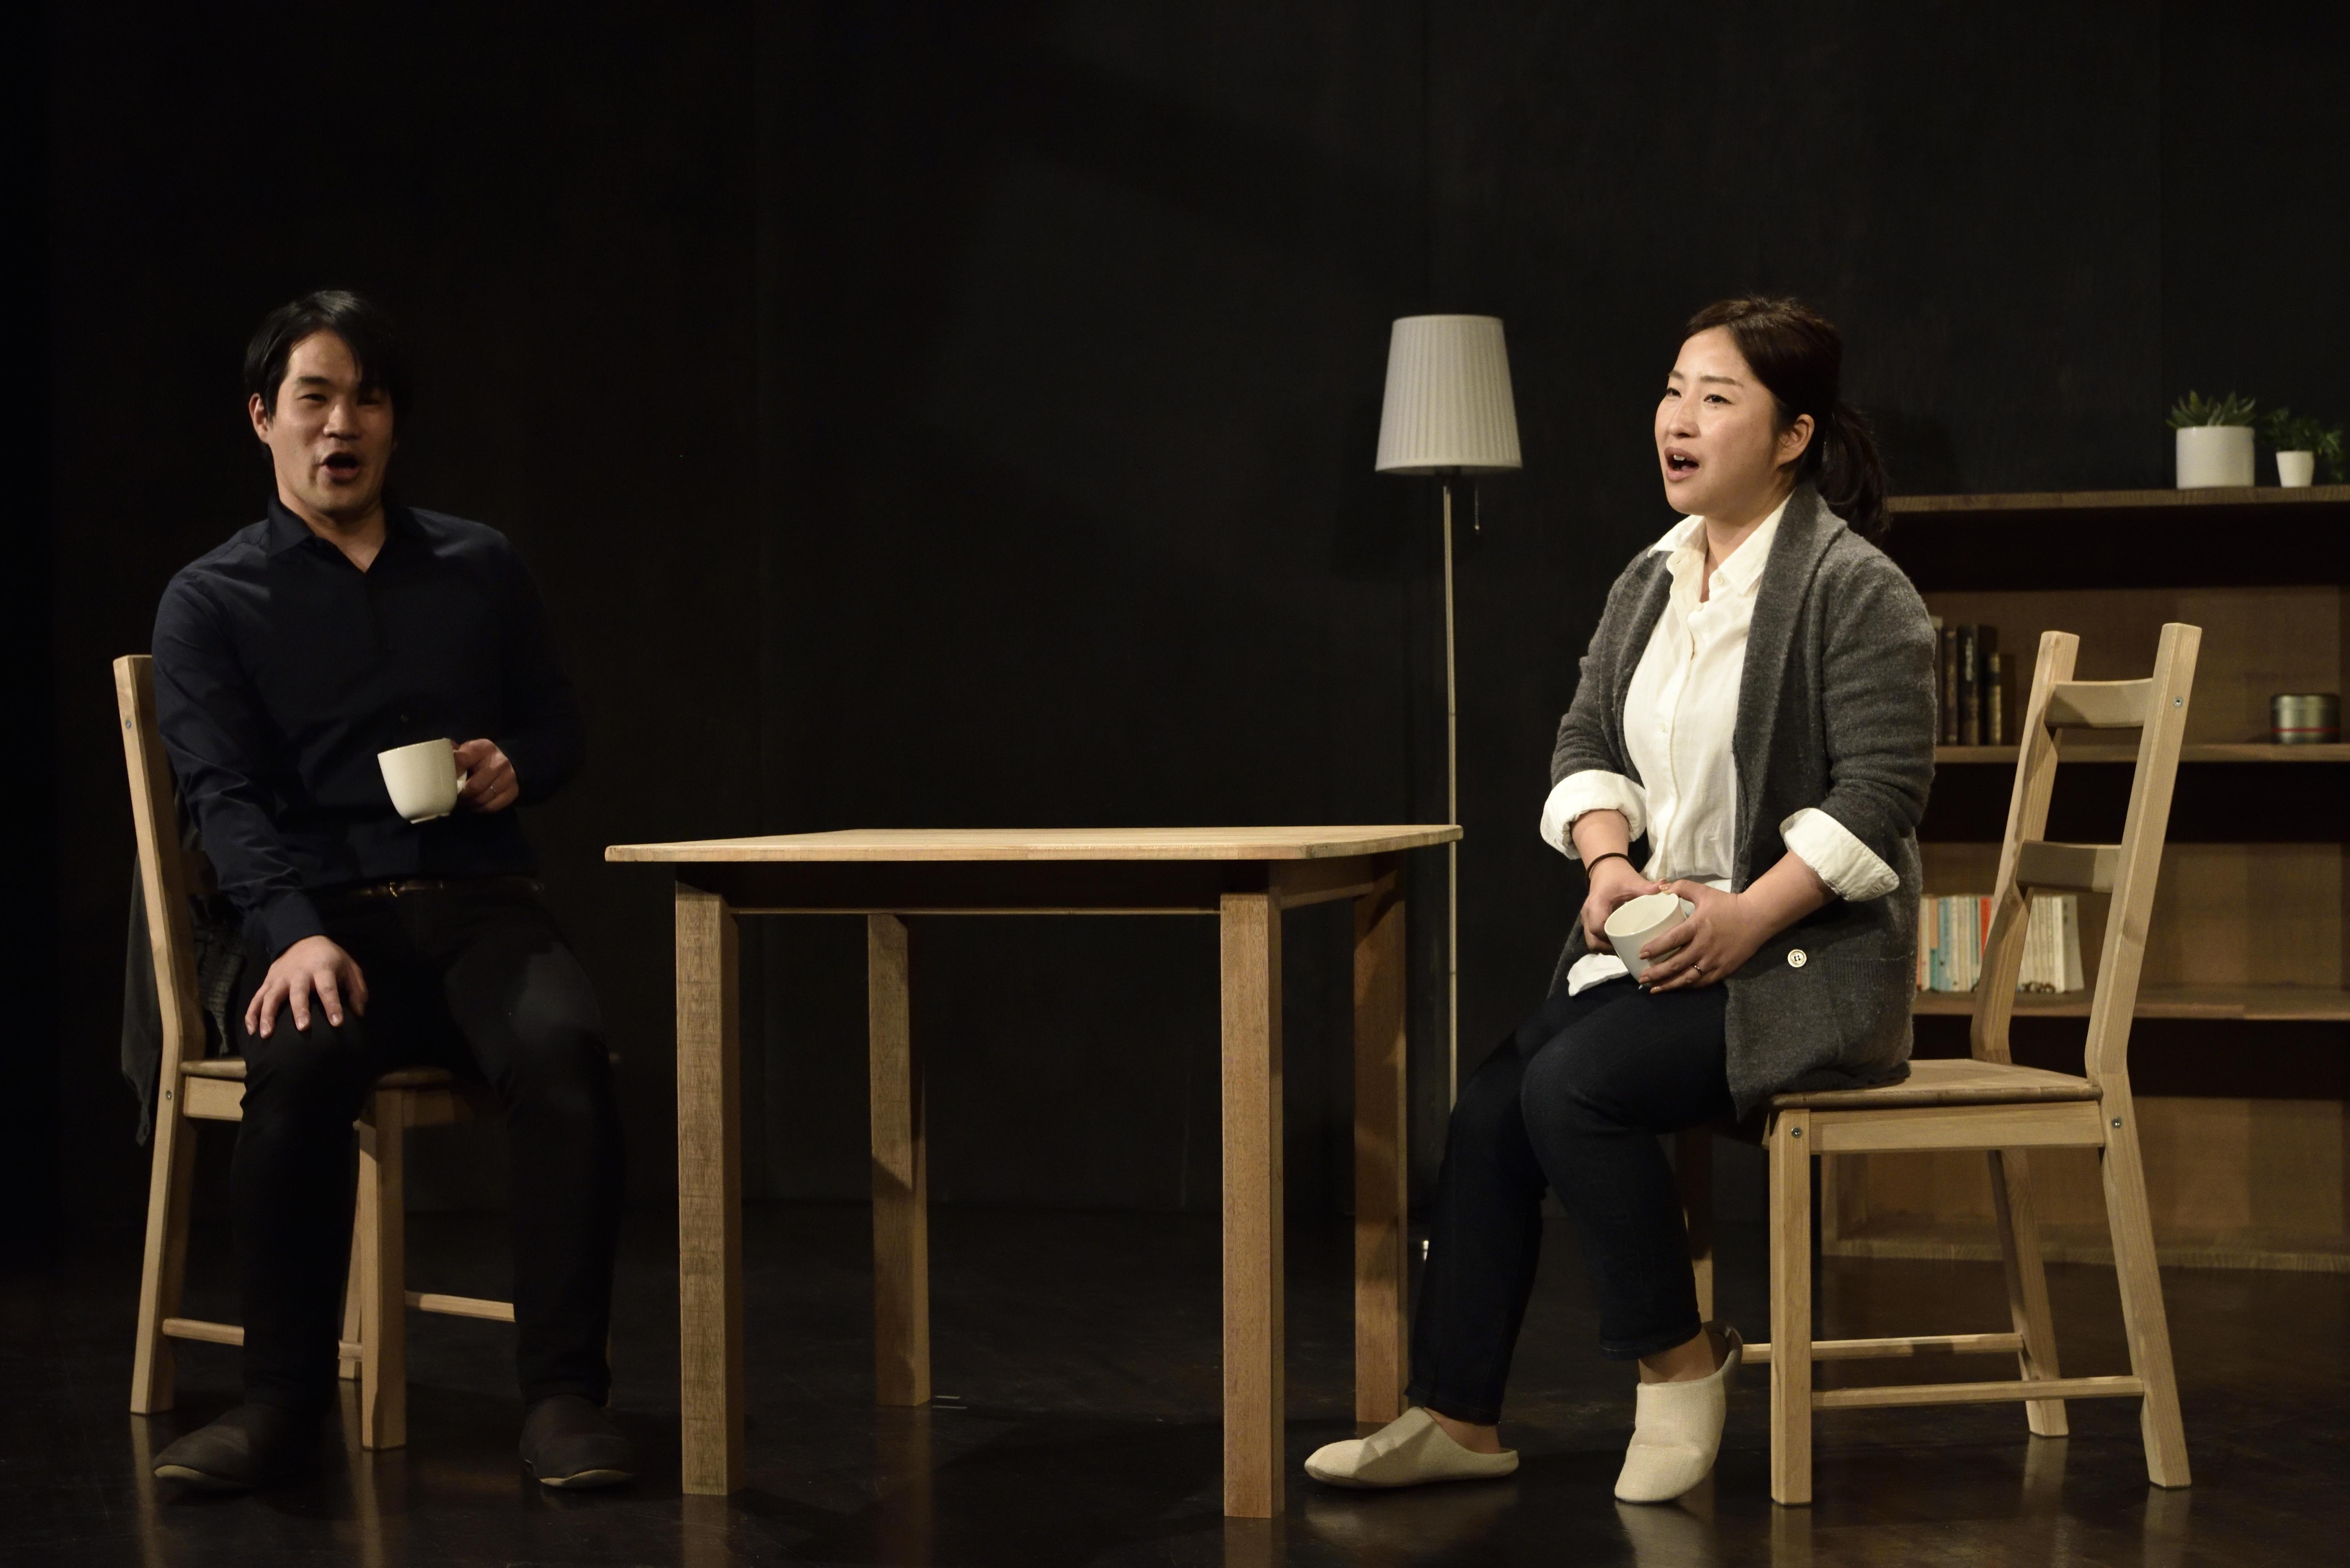 カテゴリーA『小さなオペラ【木の匙】』撮影:大島拓也